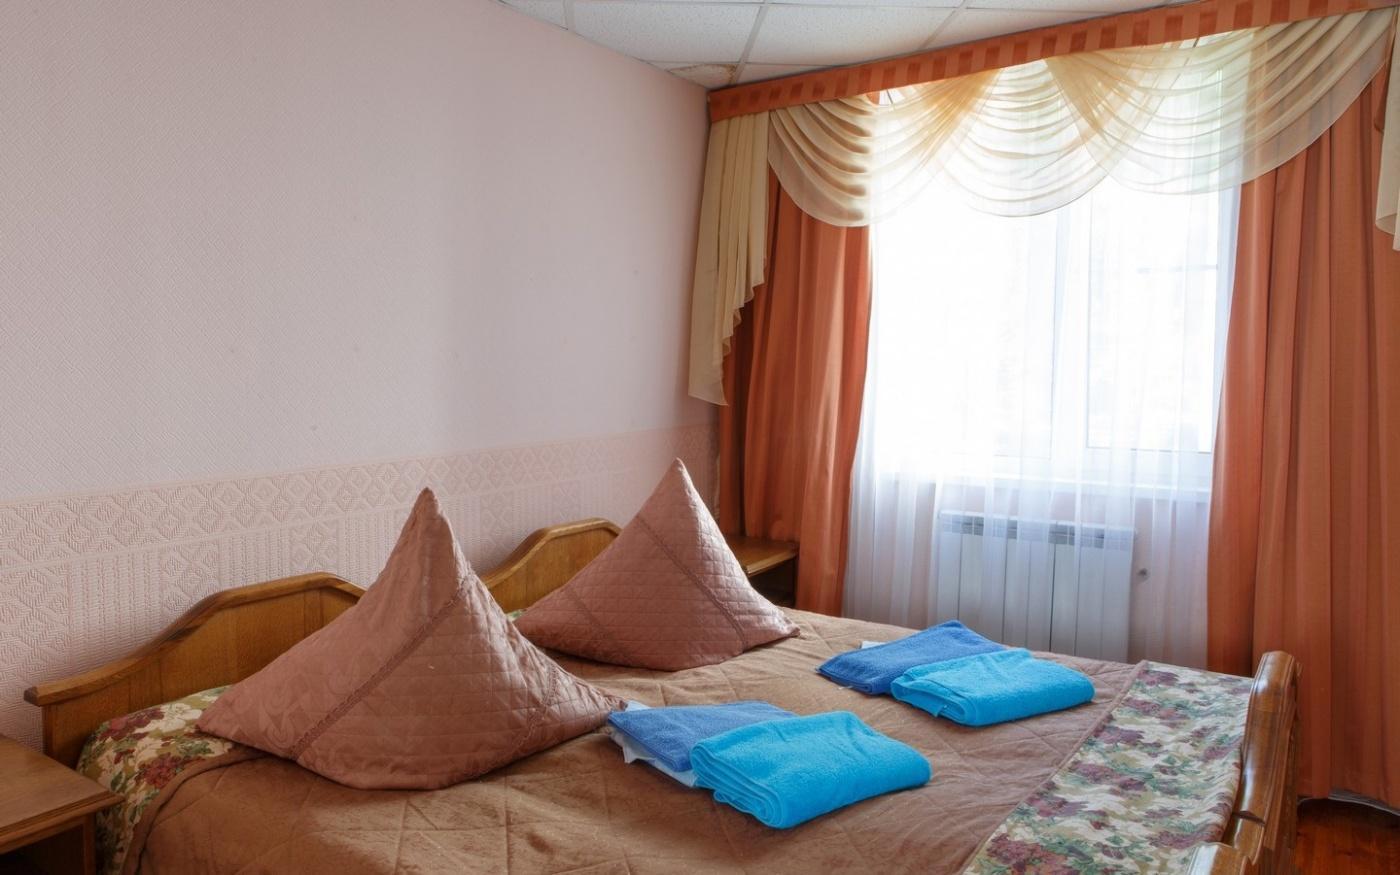 Дом отдыха «Можайский» Московская область Двухкомнатный номер повышенной комфортности, фото 2